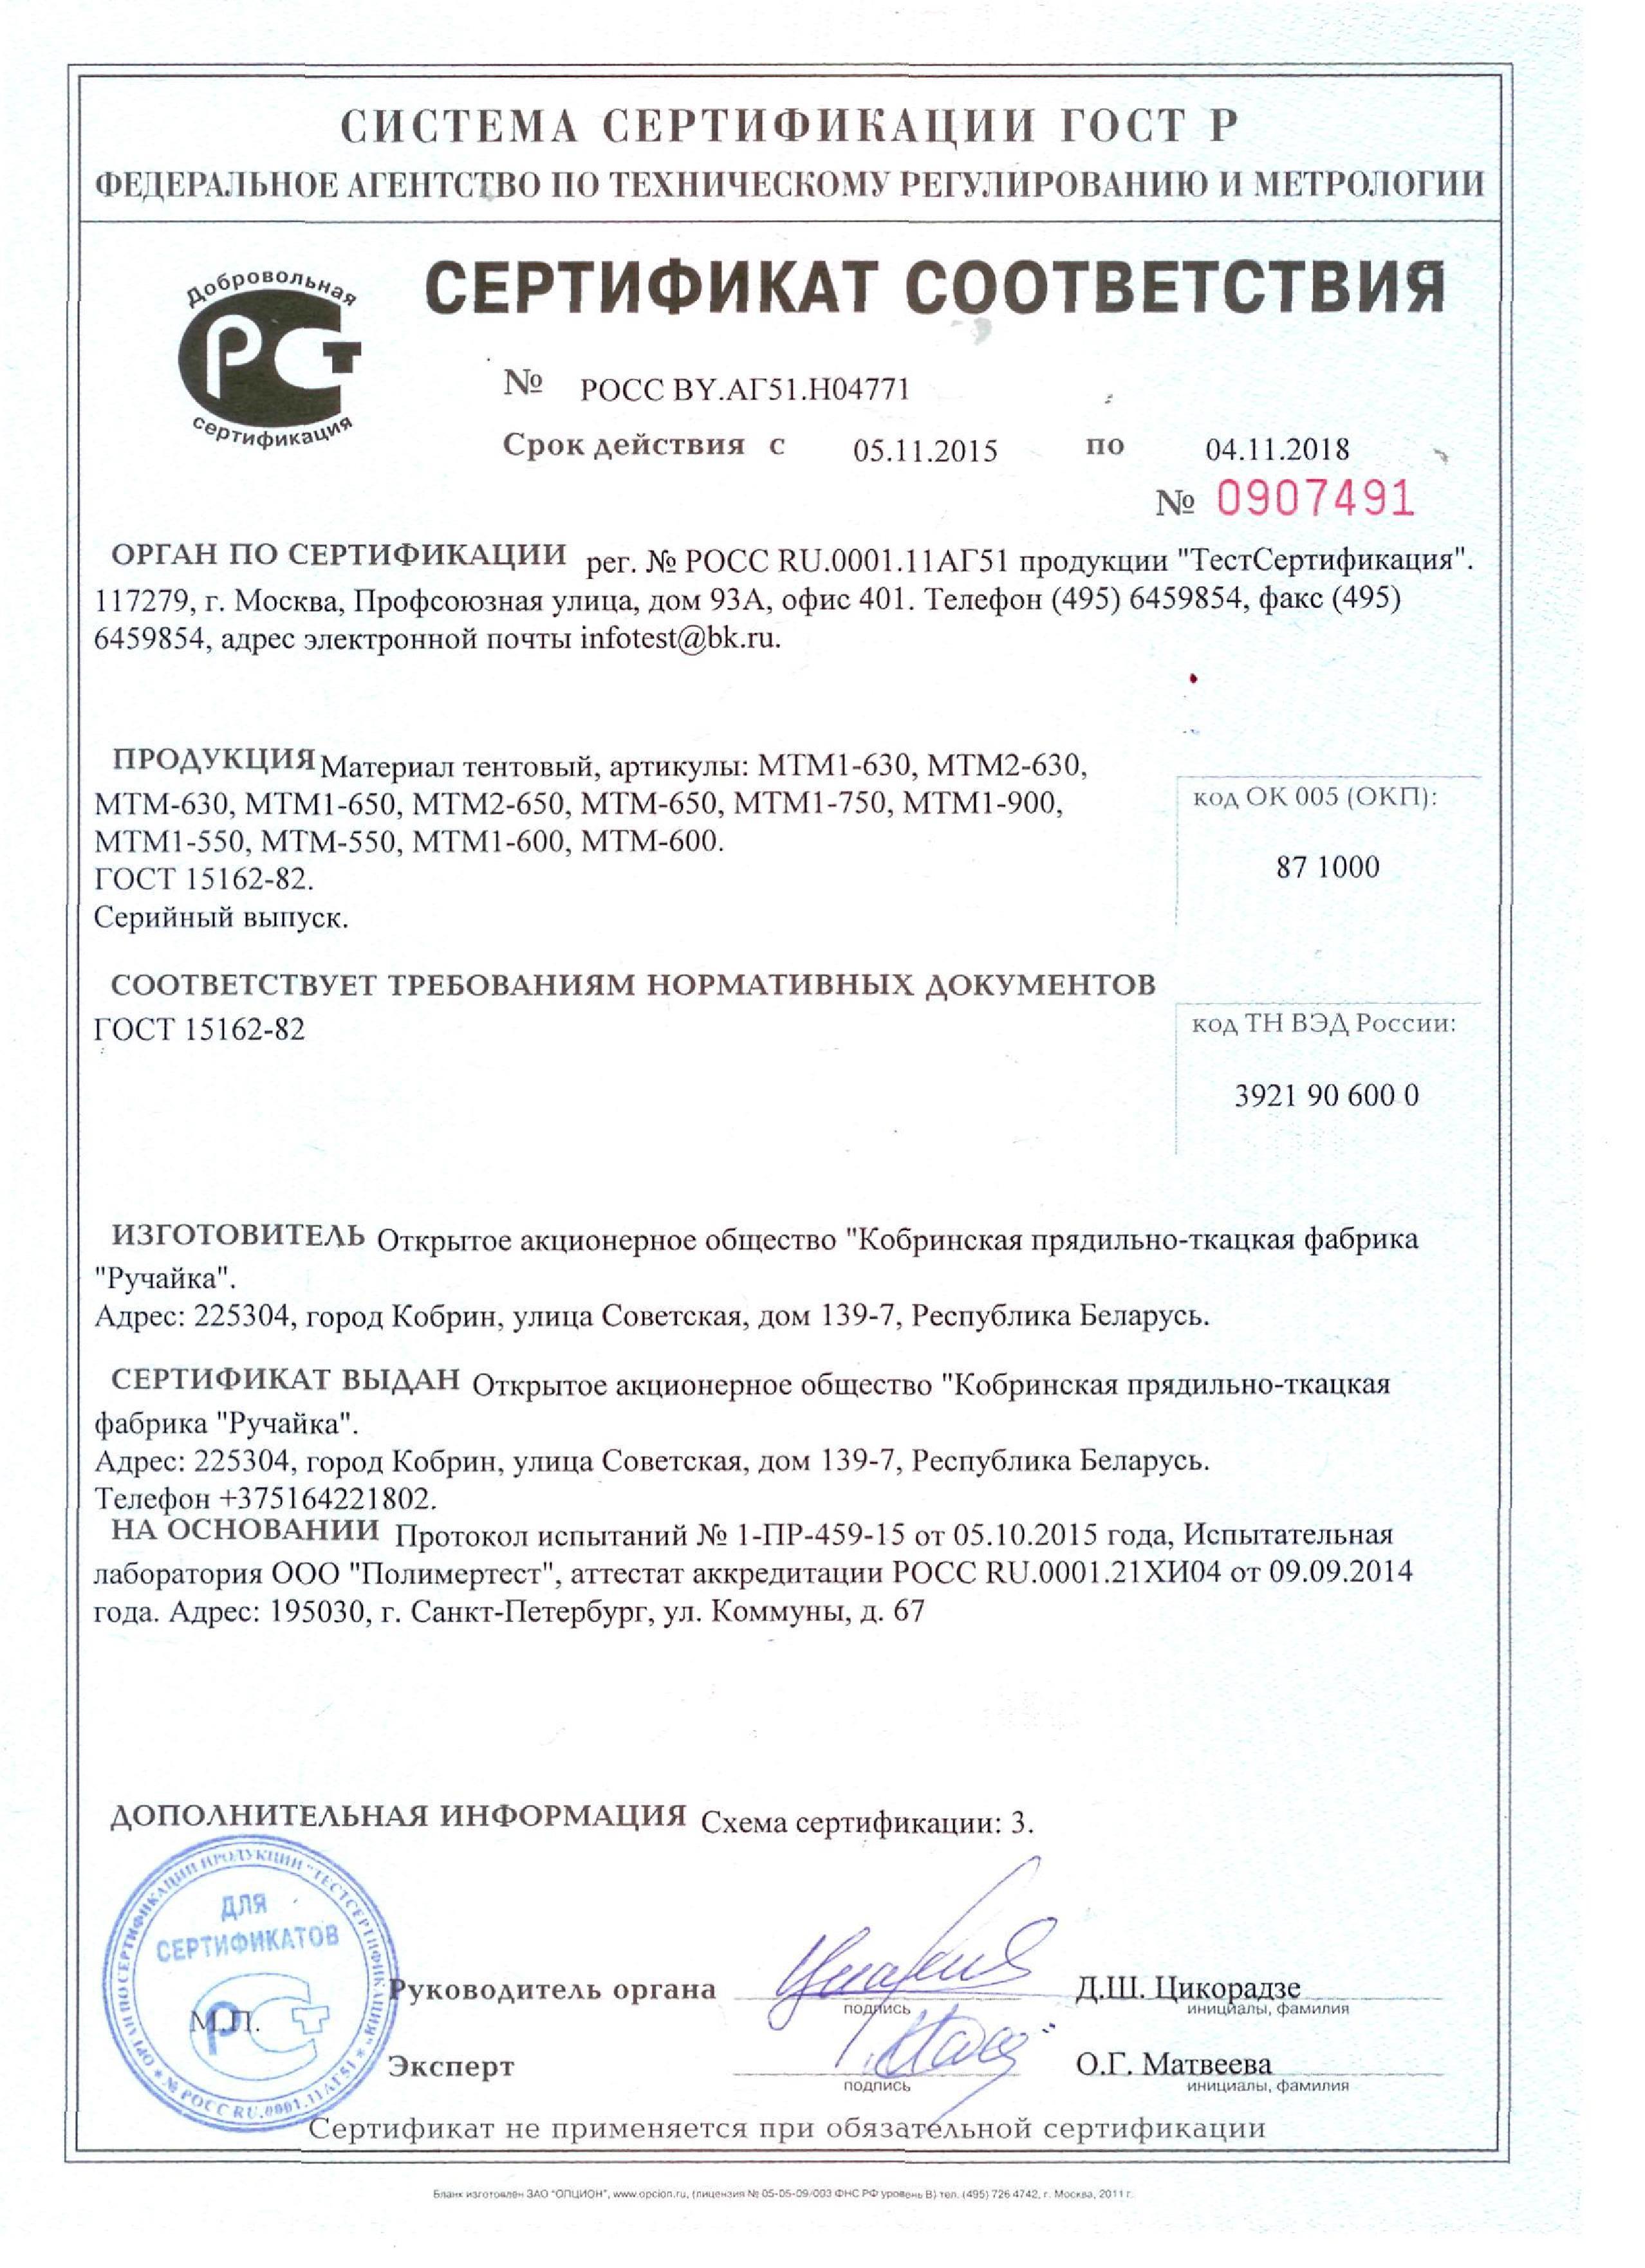 Сертификат соответствия МТМ